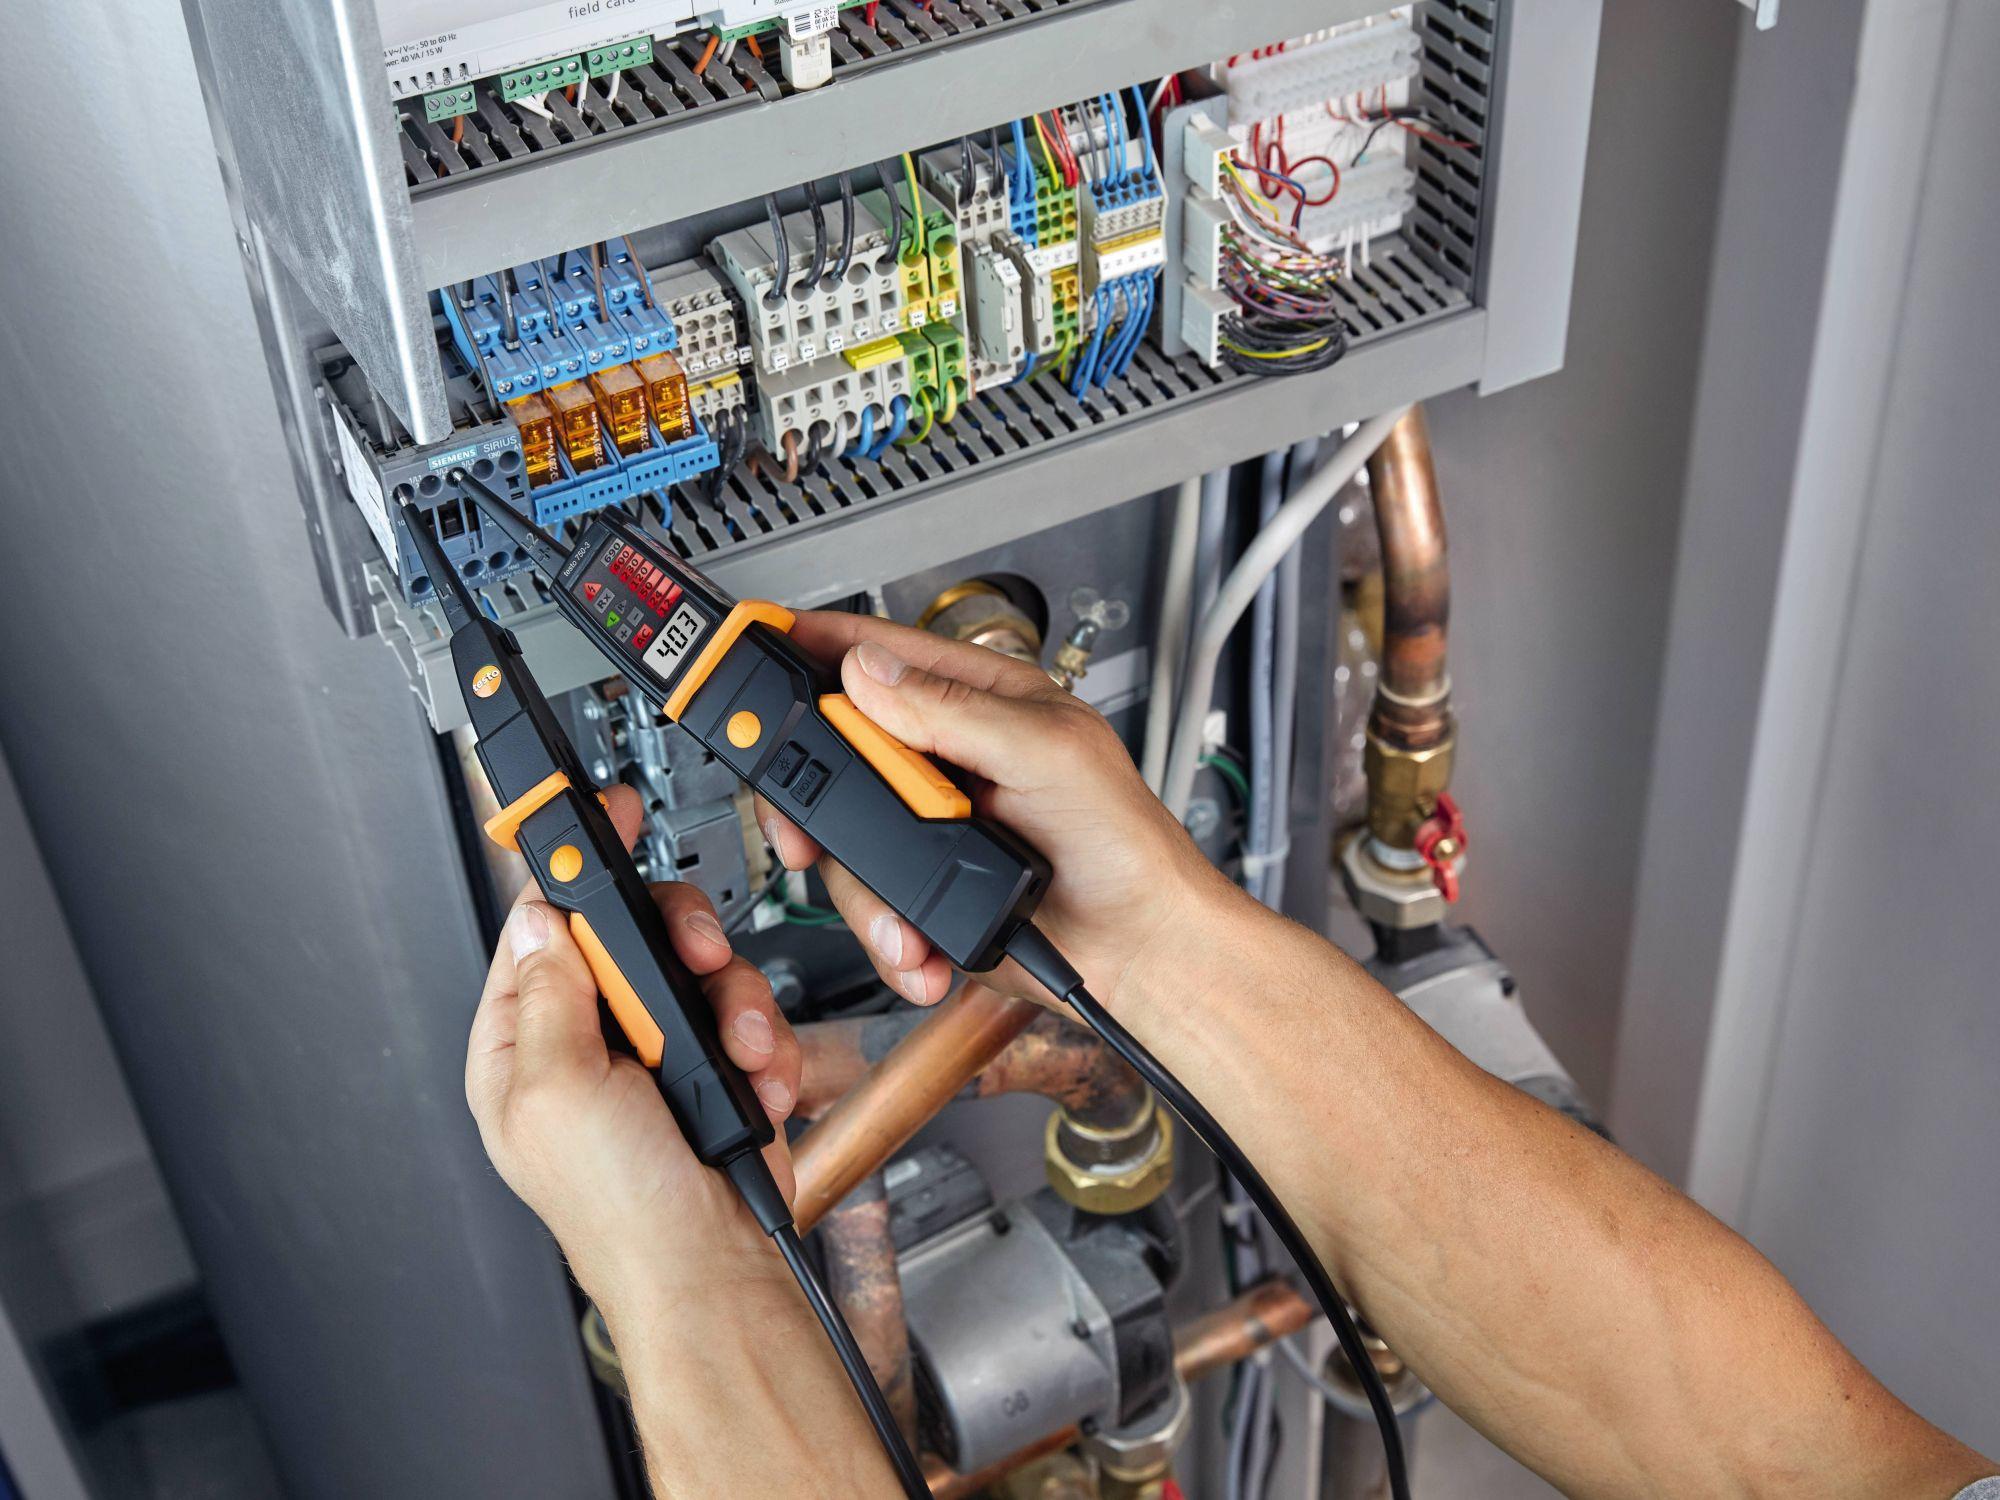 Revisión de instalaciones eléctricas con detectores de tensión